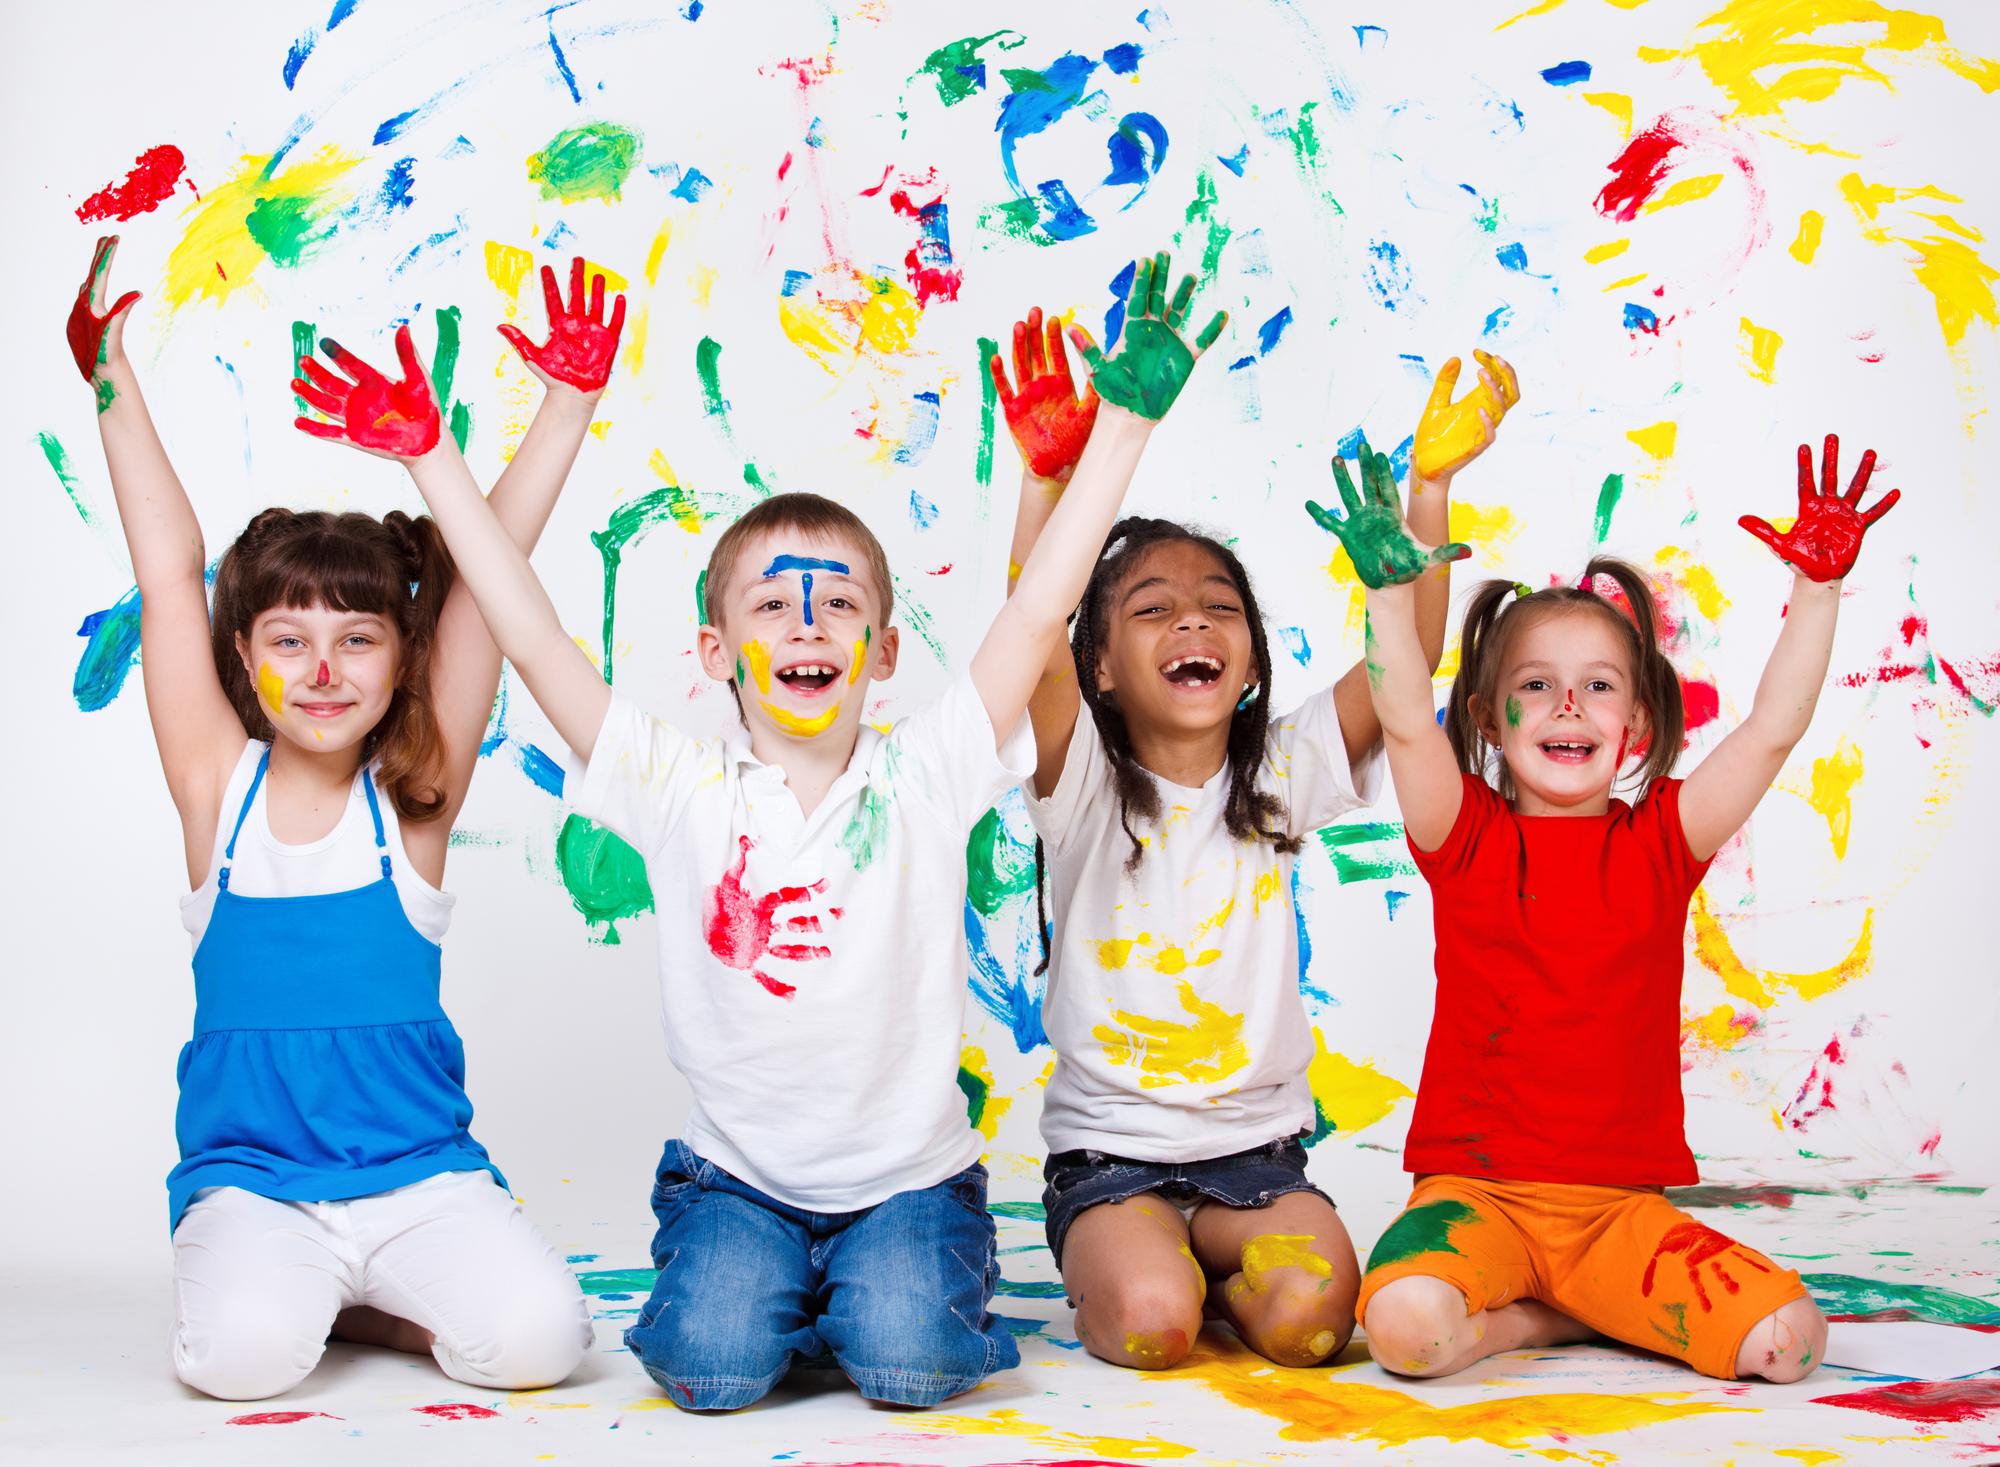 Archivo:Actividad extraescolar niños.jpg - Wikipedia, la ...